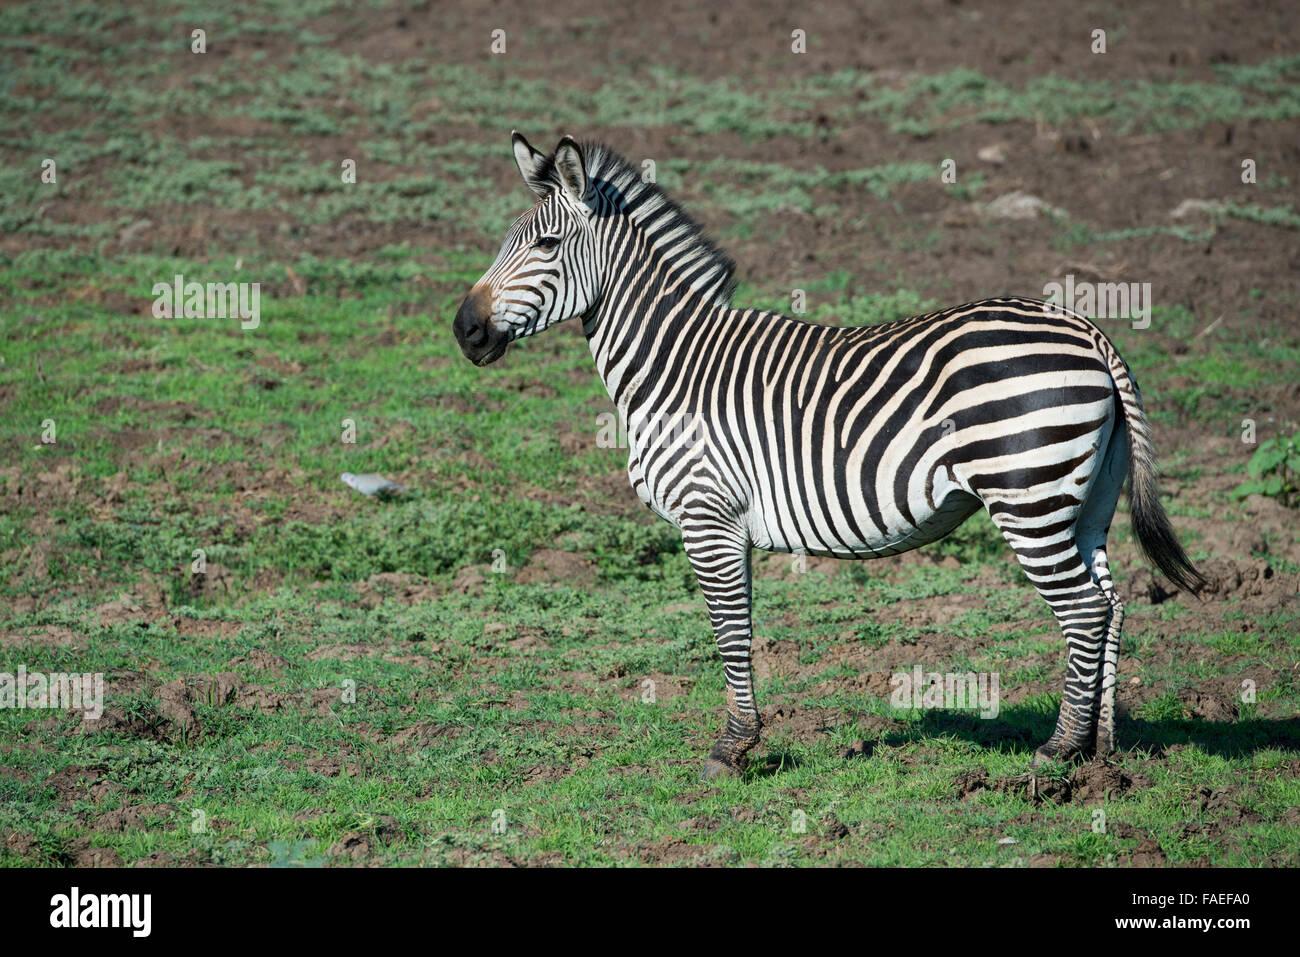 Zambia, South Luangwa National Park, Mfuwe. Crawshay's zebra (Wild: Equus quagga crawshayi) - Stock Image